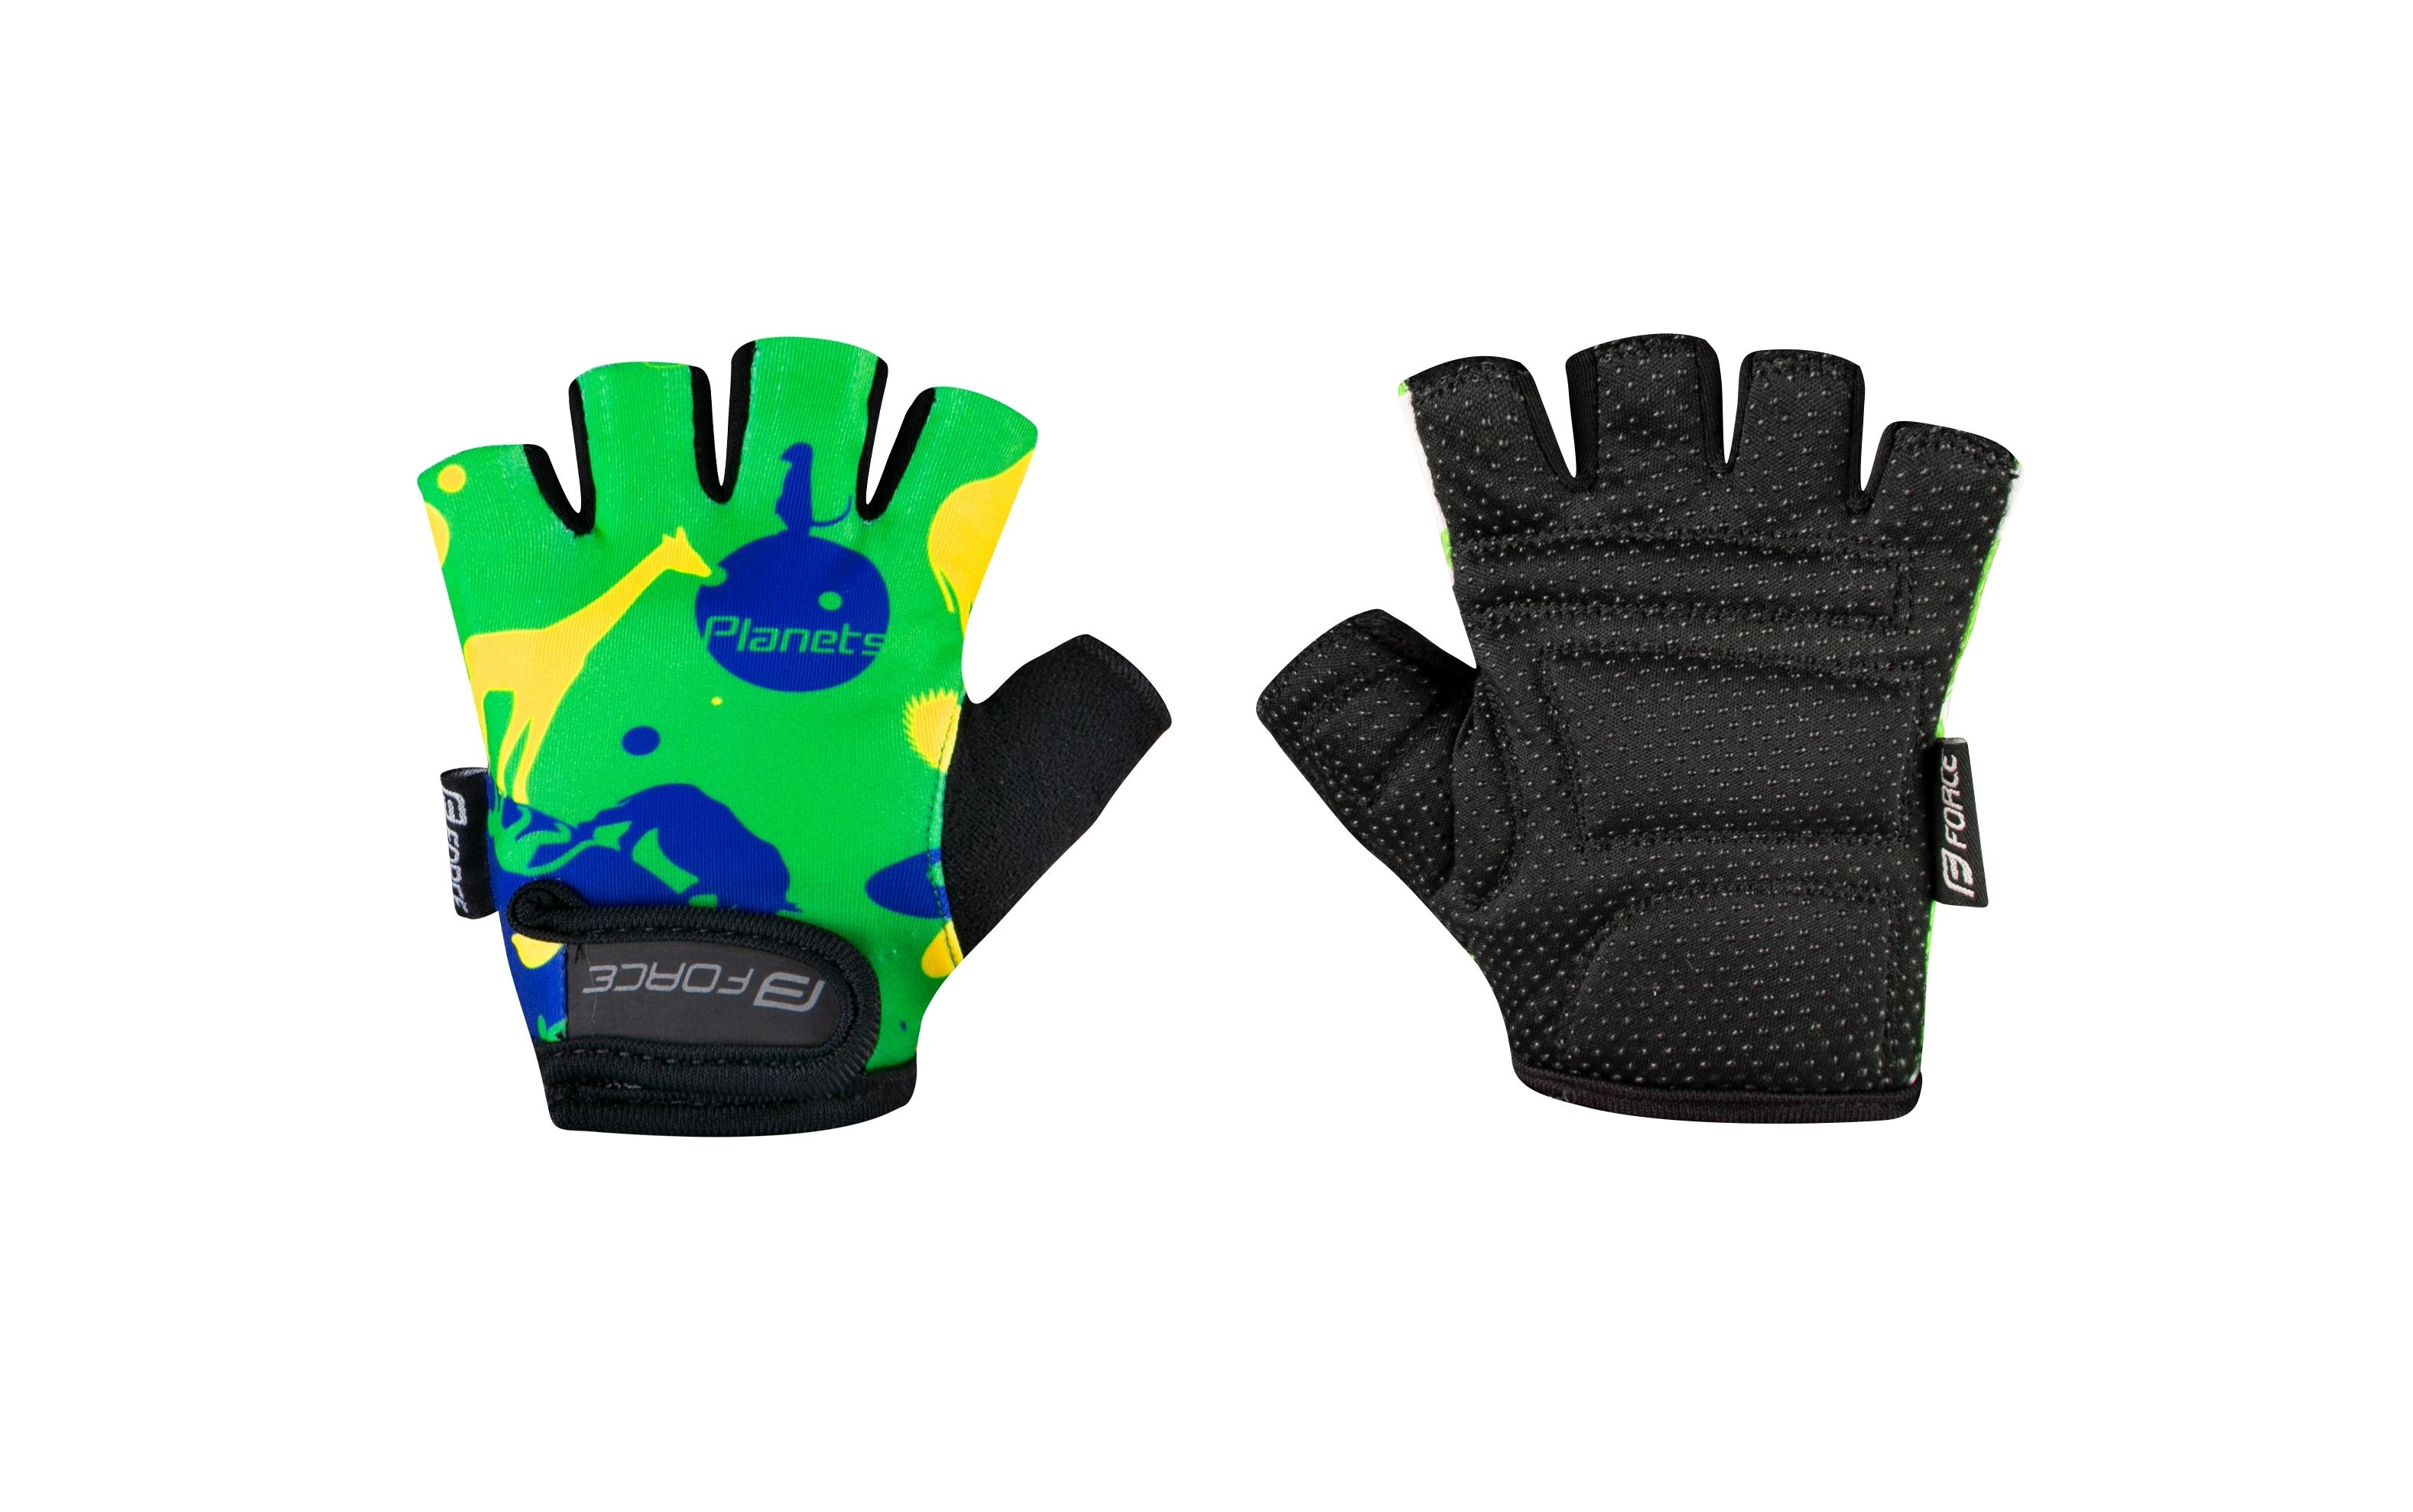 rukavice FORCE PLANETS dětské, zeleno-žluté XL